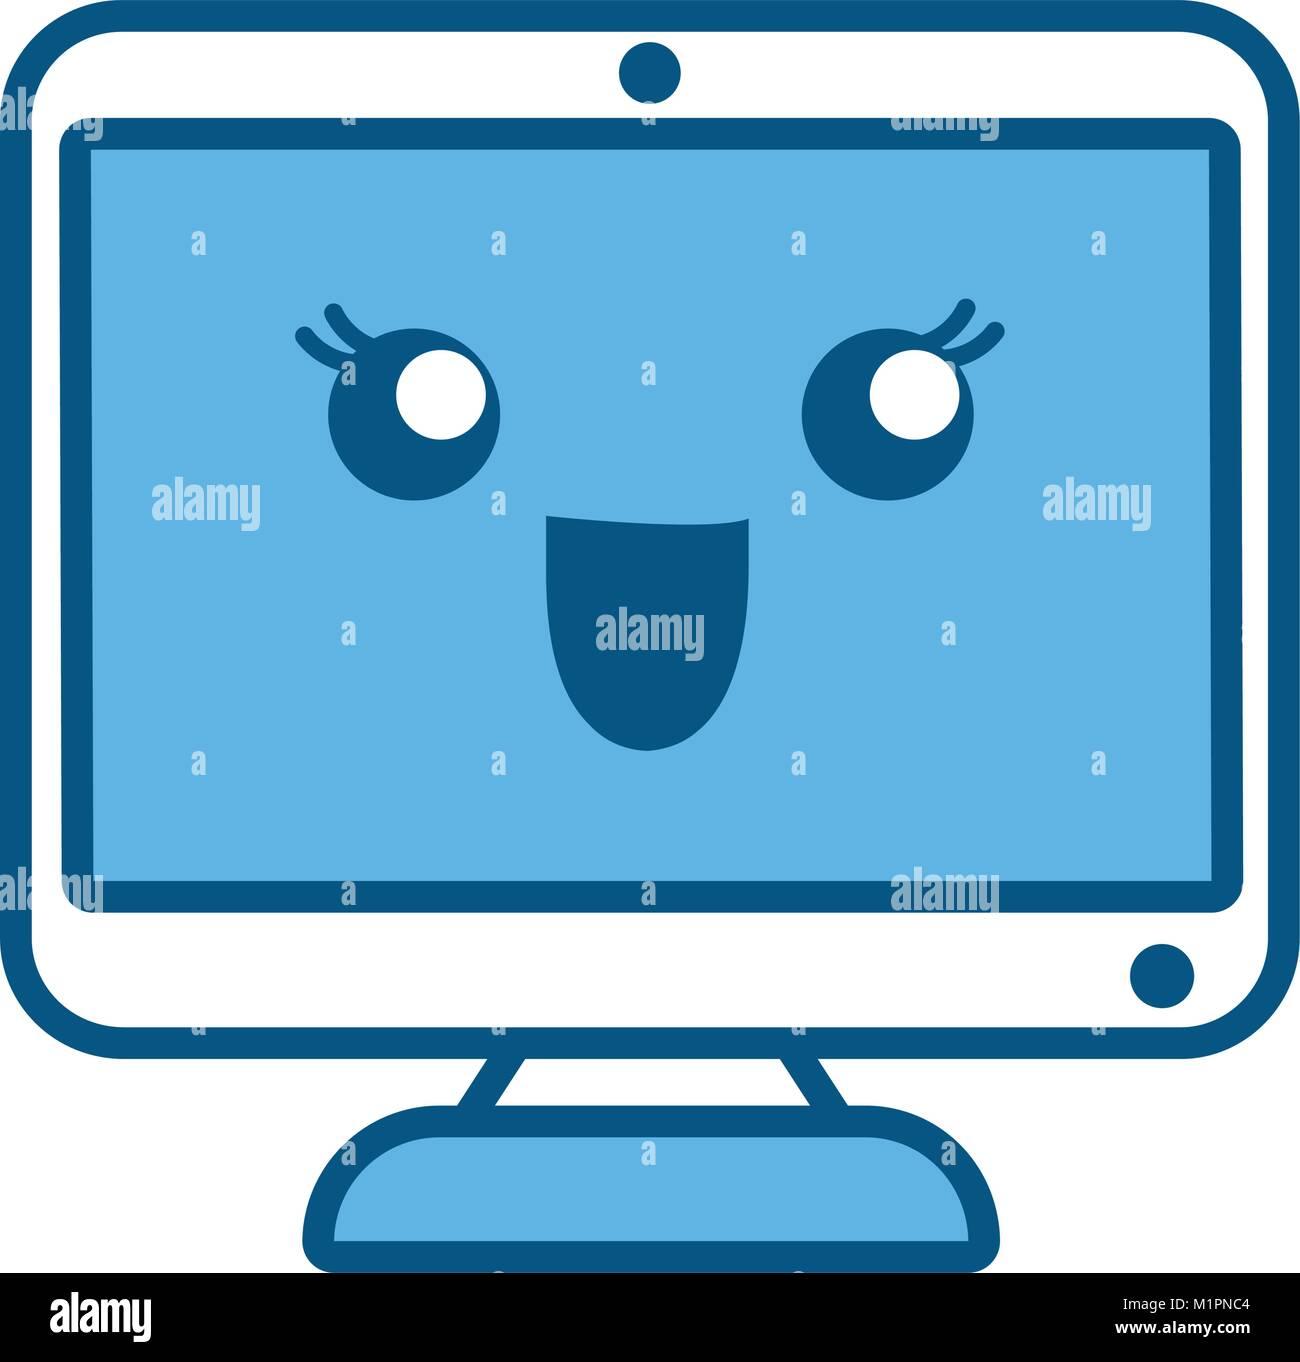 kawaii computer monitor icon - Stock Image